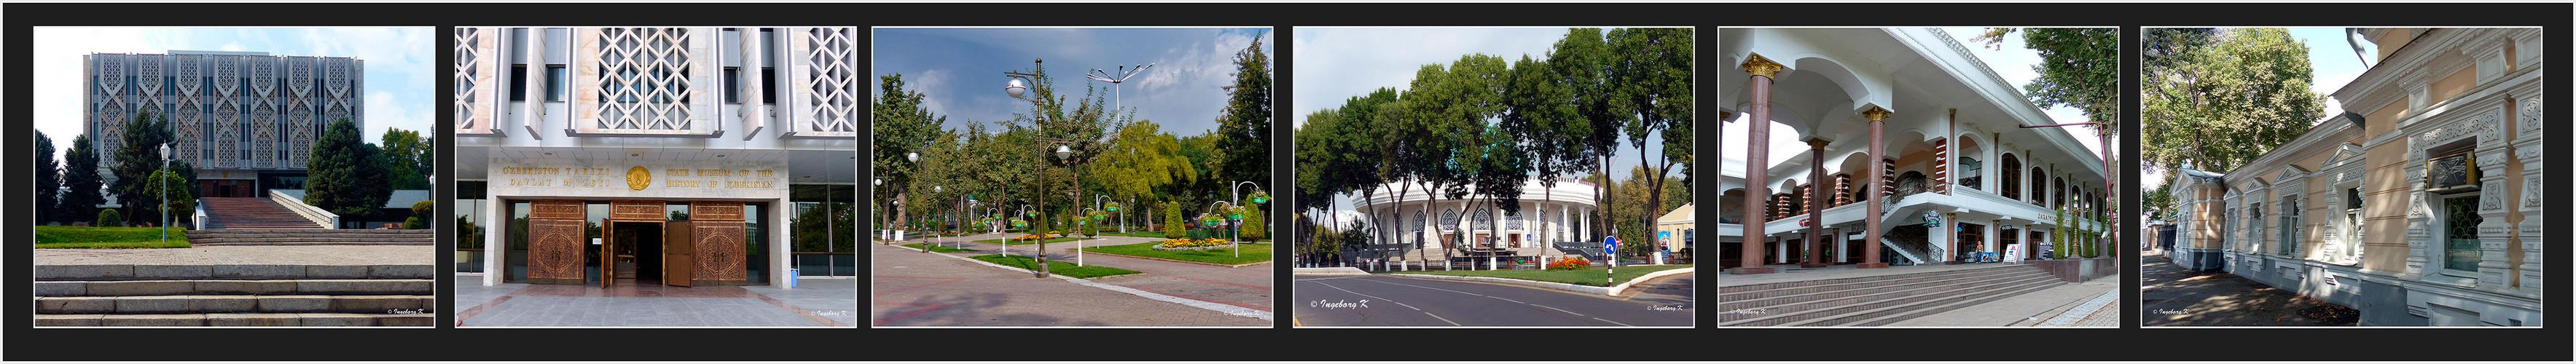 Taschkent - ein Streifzug durch die Stadt